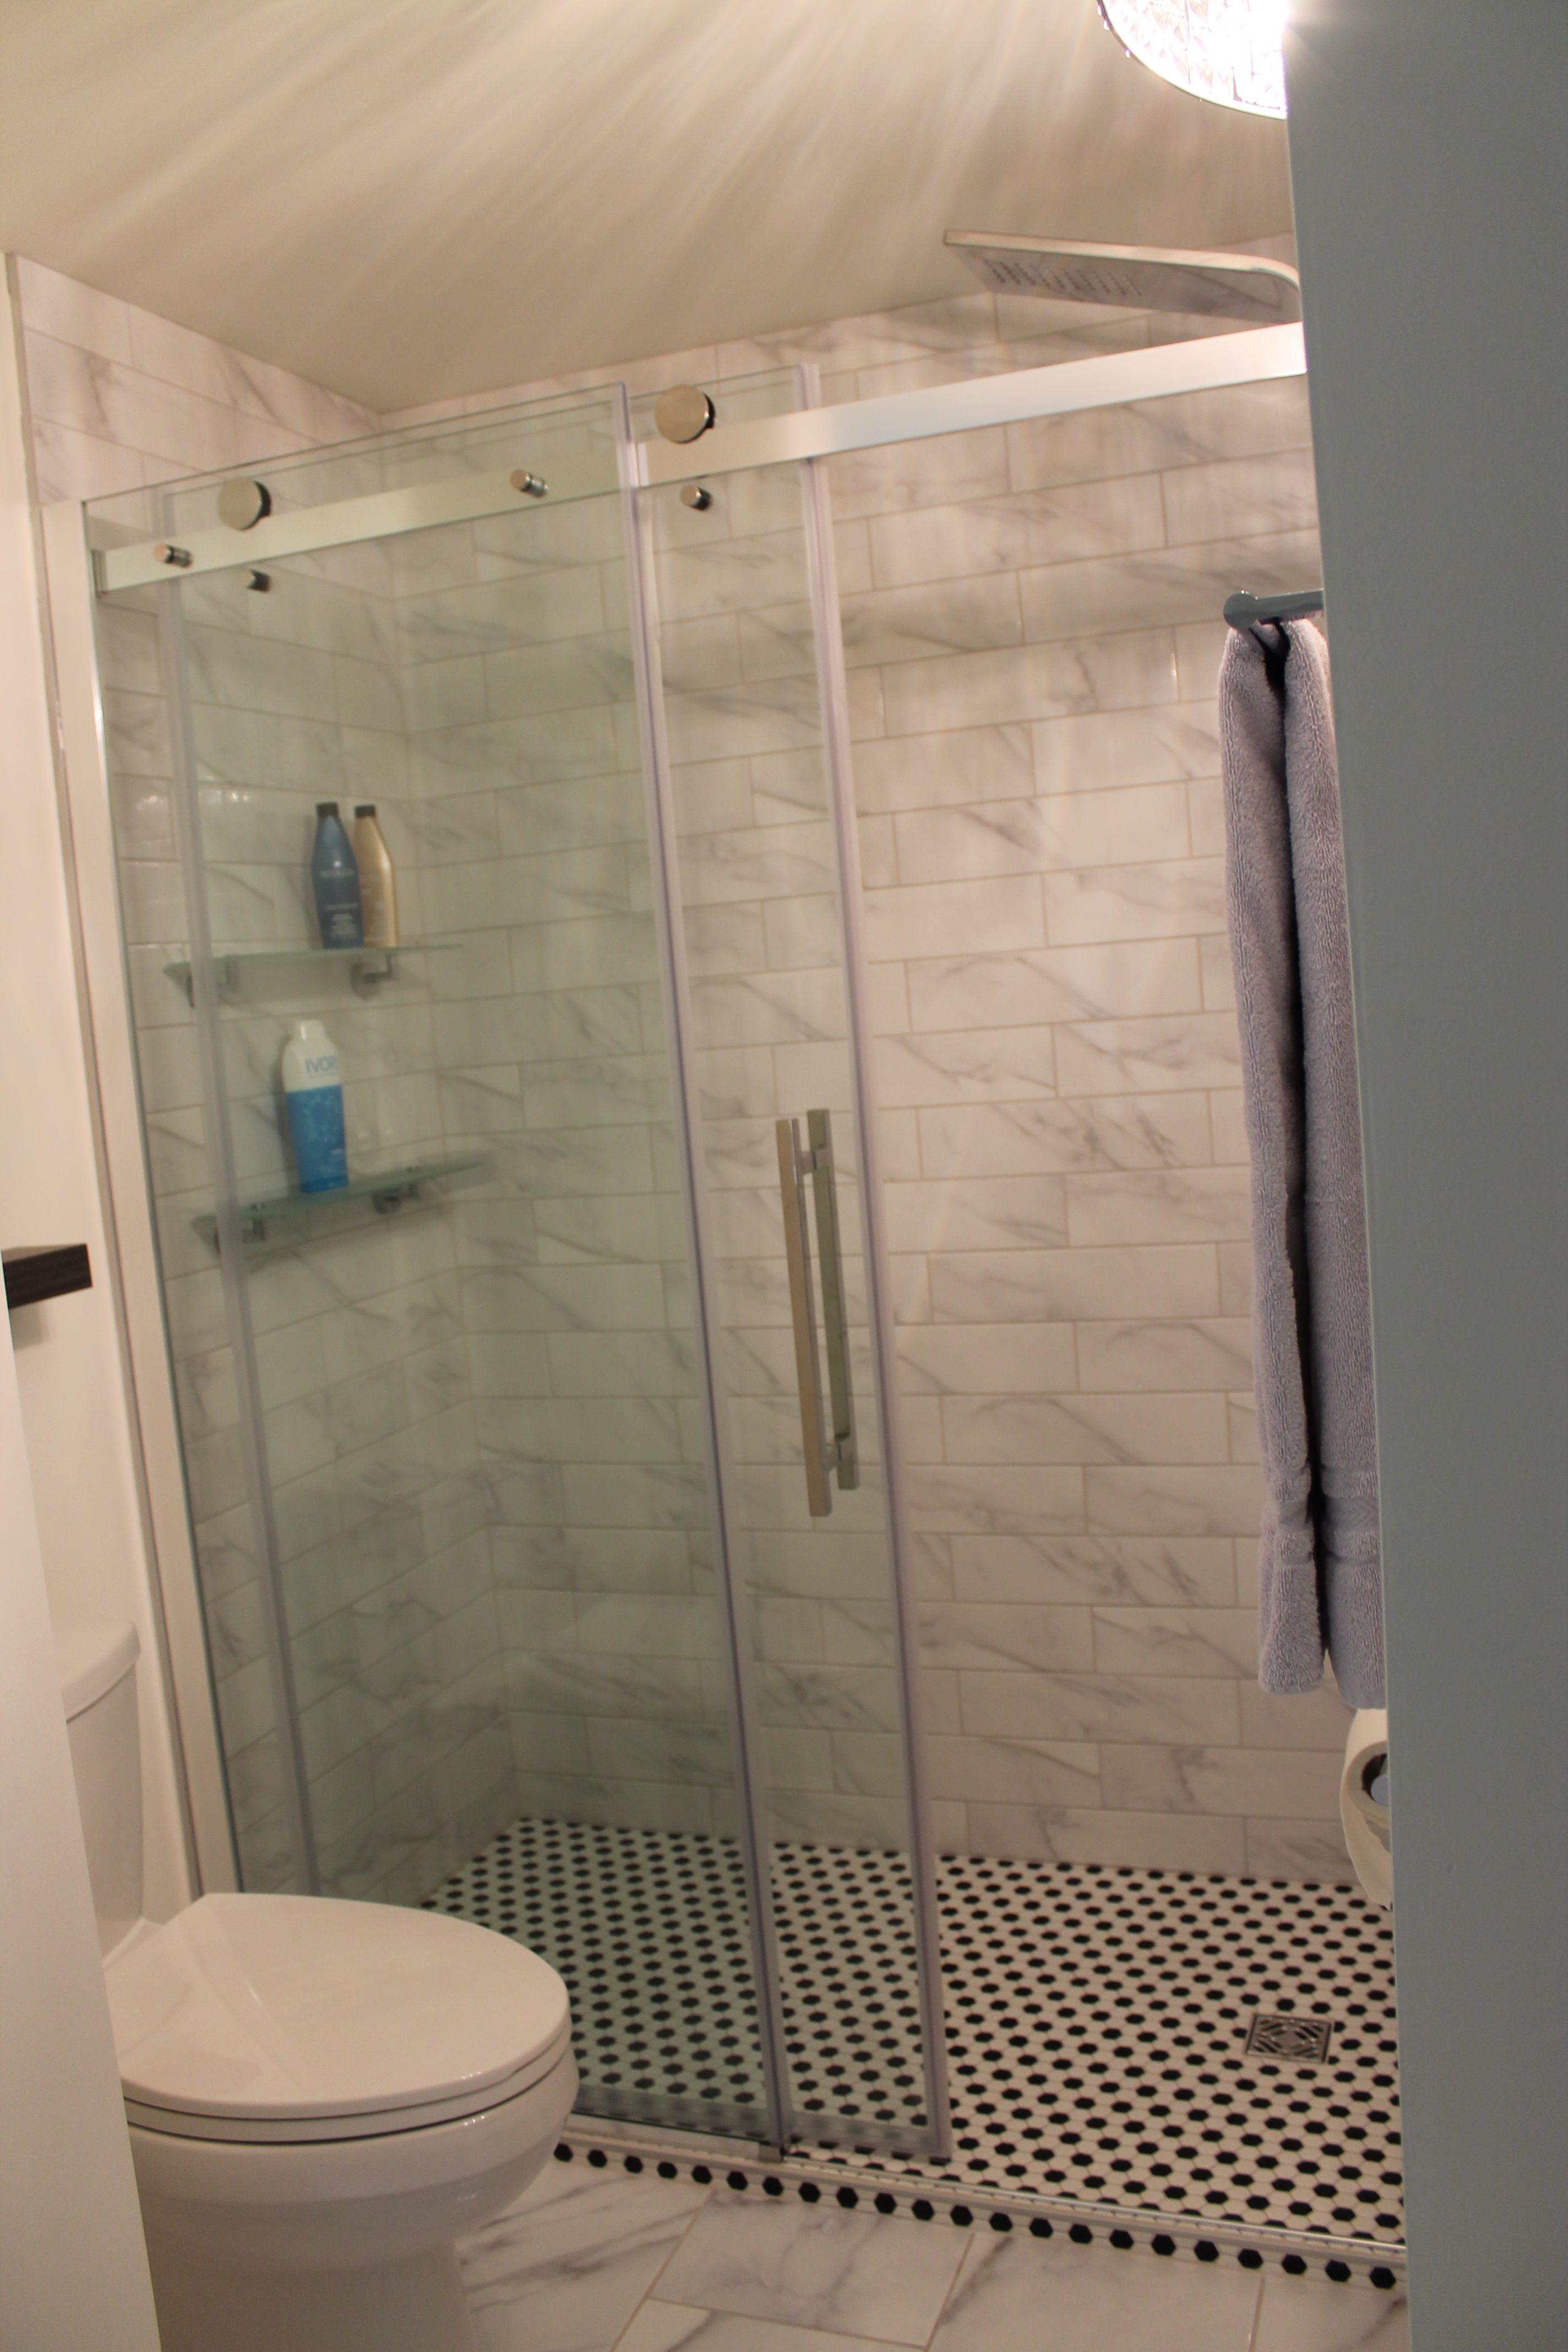 c ramique nid d 39 abeille douche noir et blanche douche en marbre salle de bain concept de izo. Black Bedroom Furniture Sets. Home Design Ideas